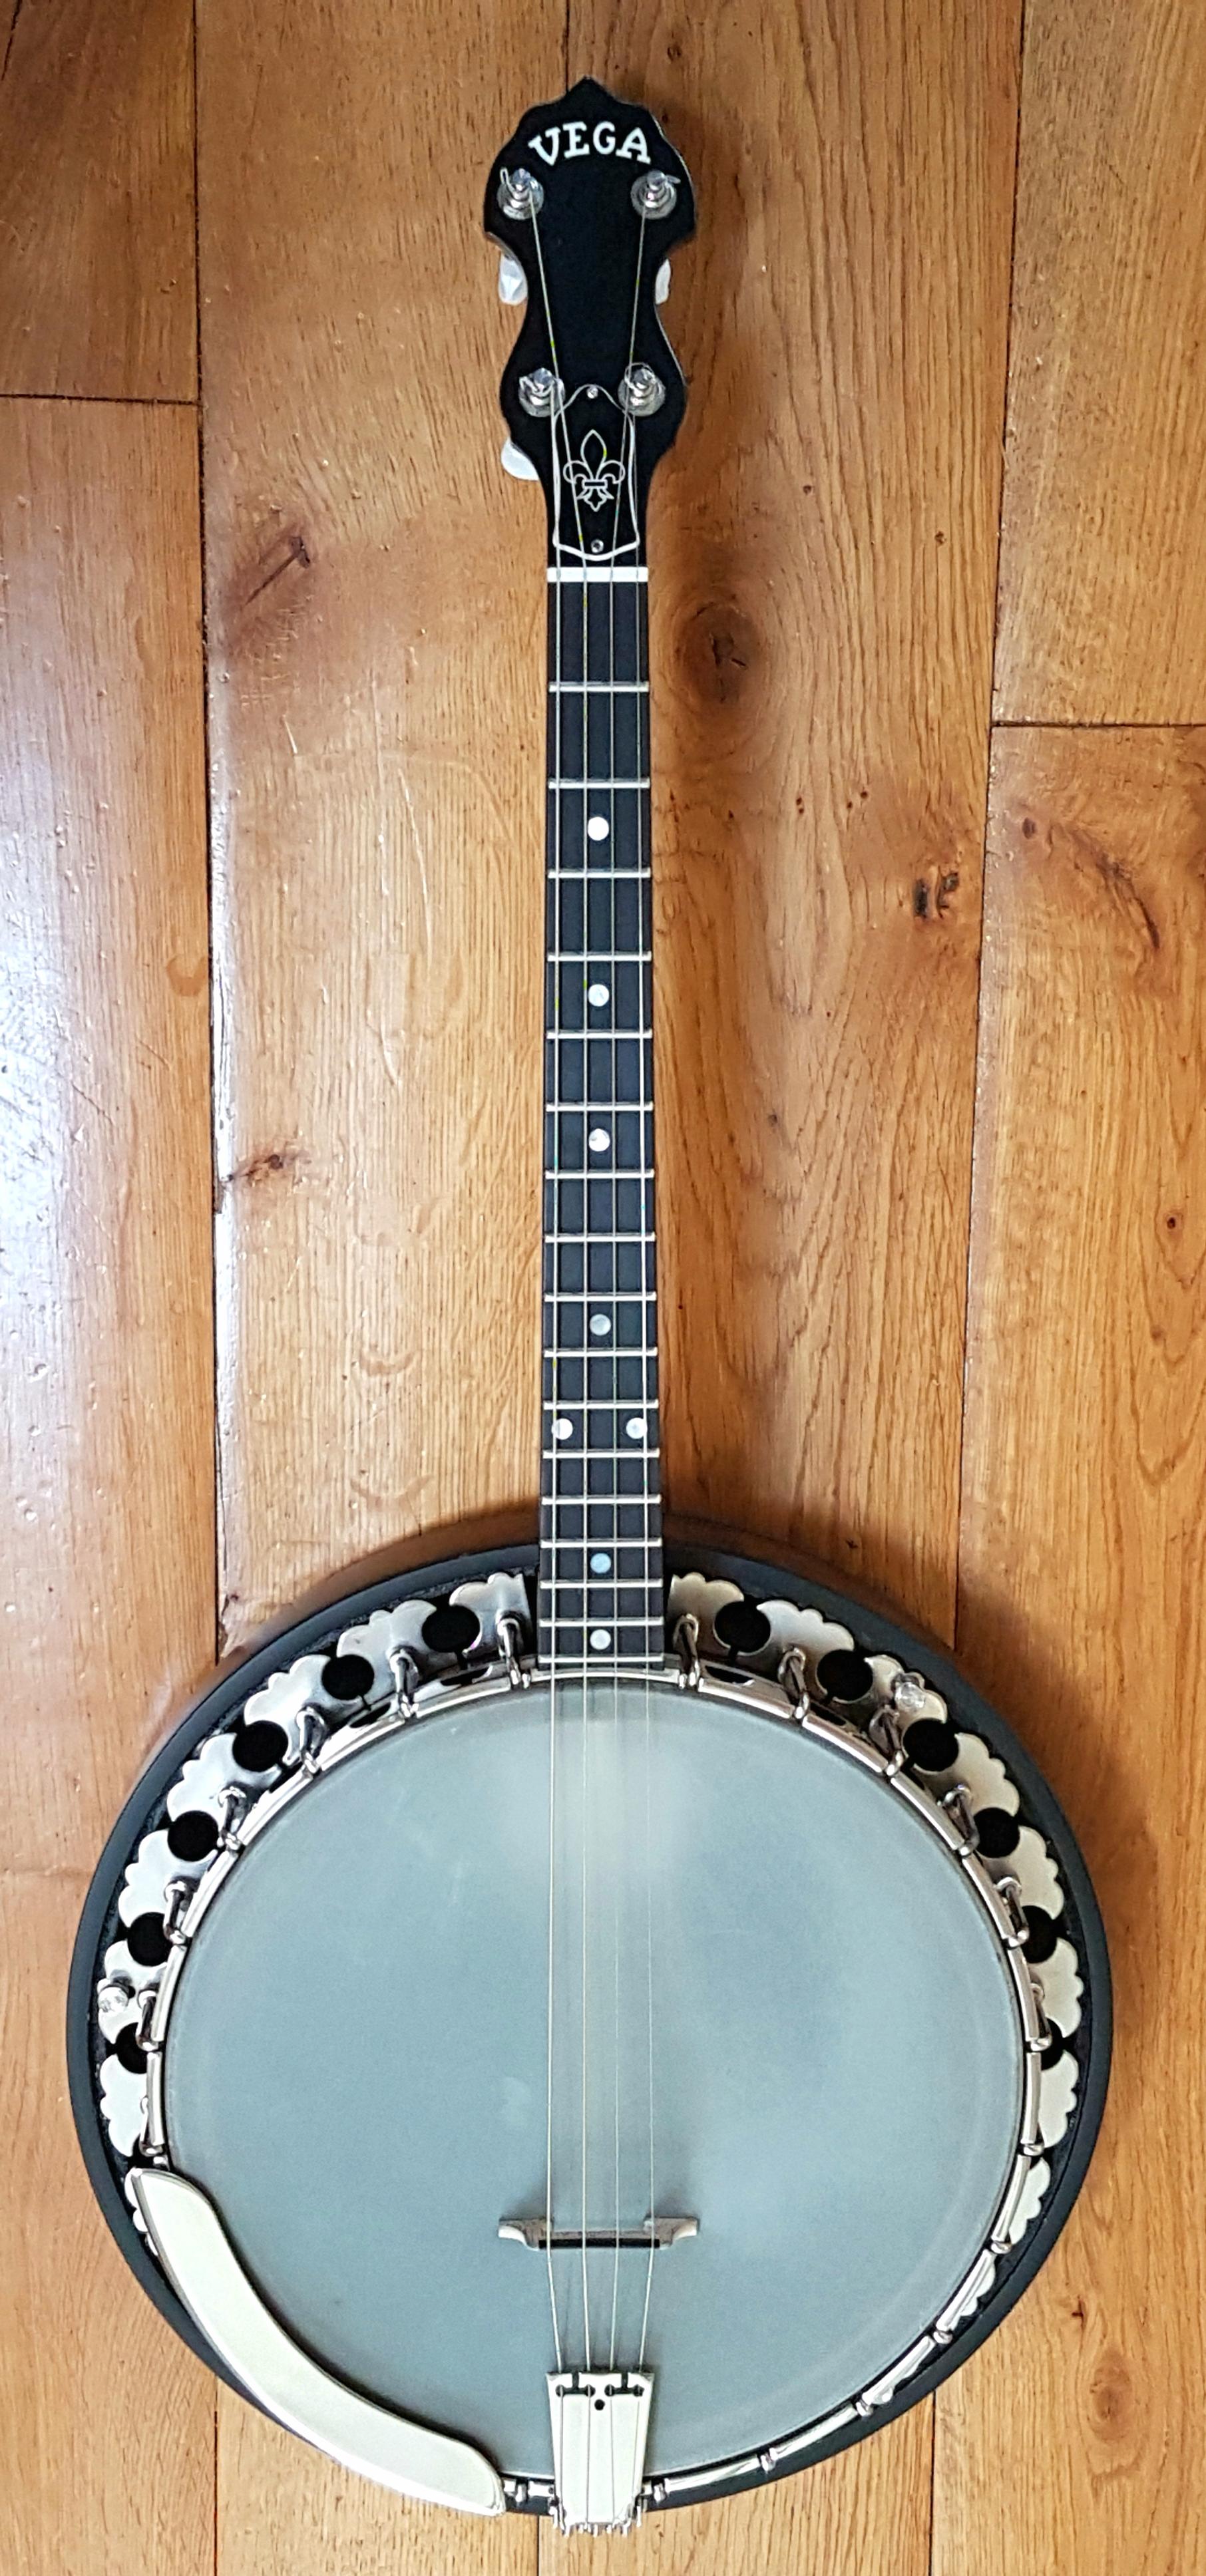 Pure Banjo » Vega Little Wonder 17 Fret Tenor Banjo by Deering